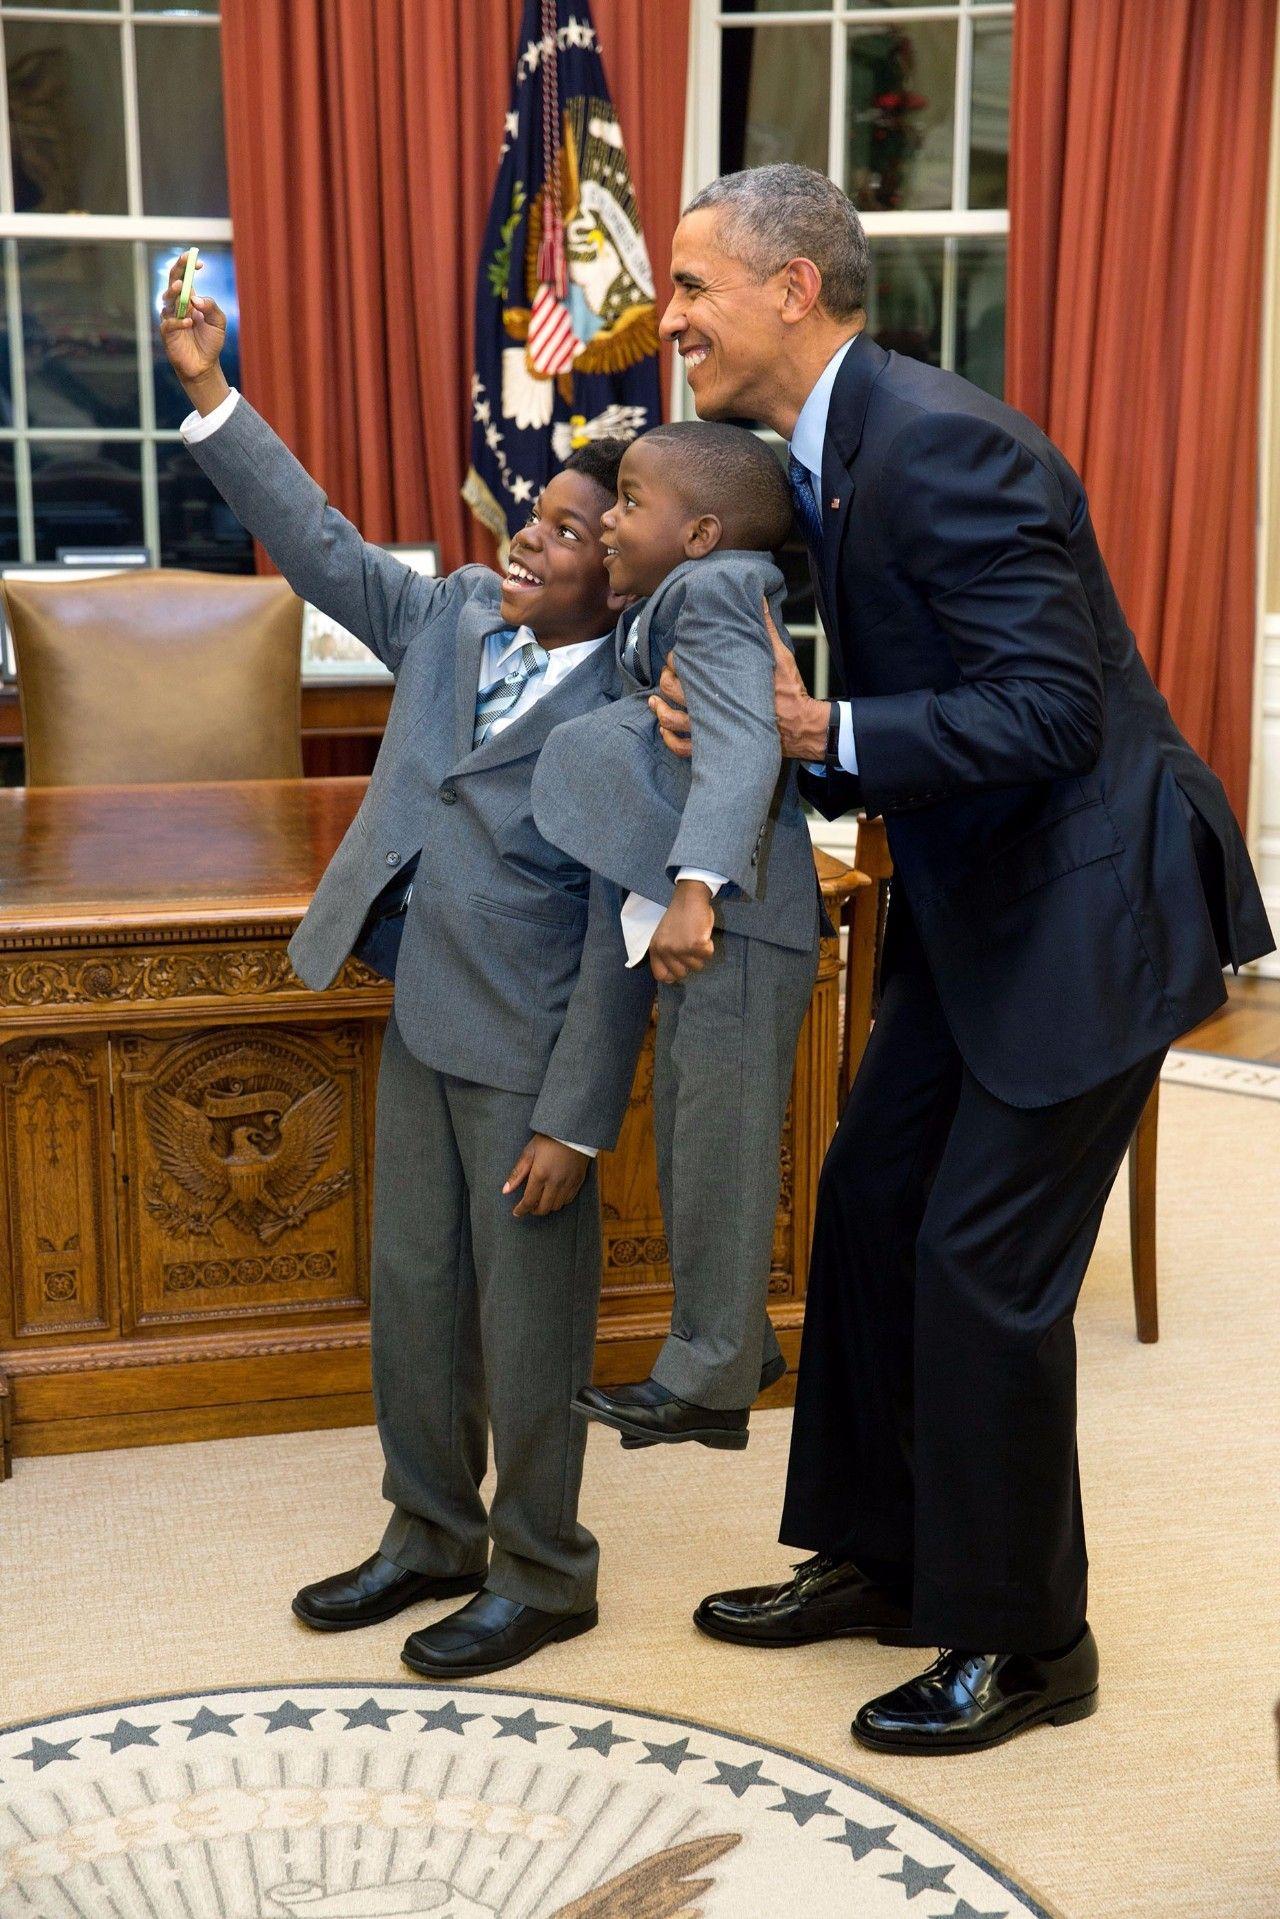 220万张照片挑出55个瞬间,白宫首席摄影师记录奥巴马8年总统生涯【赞那度分享】